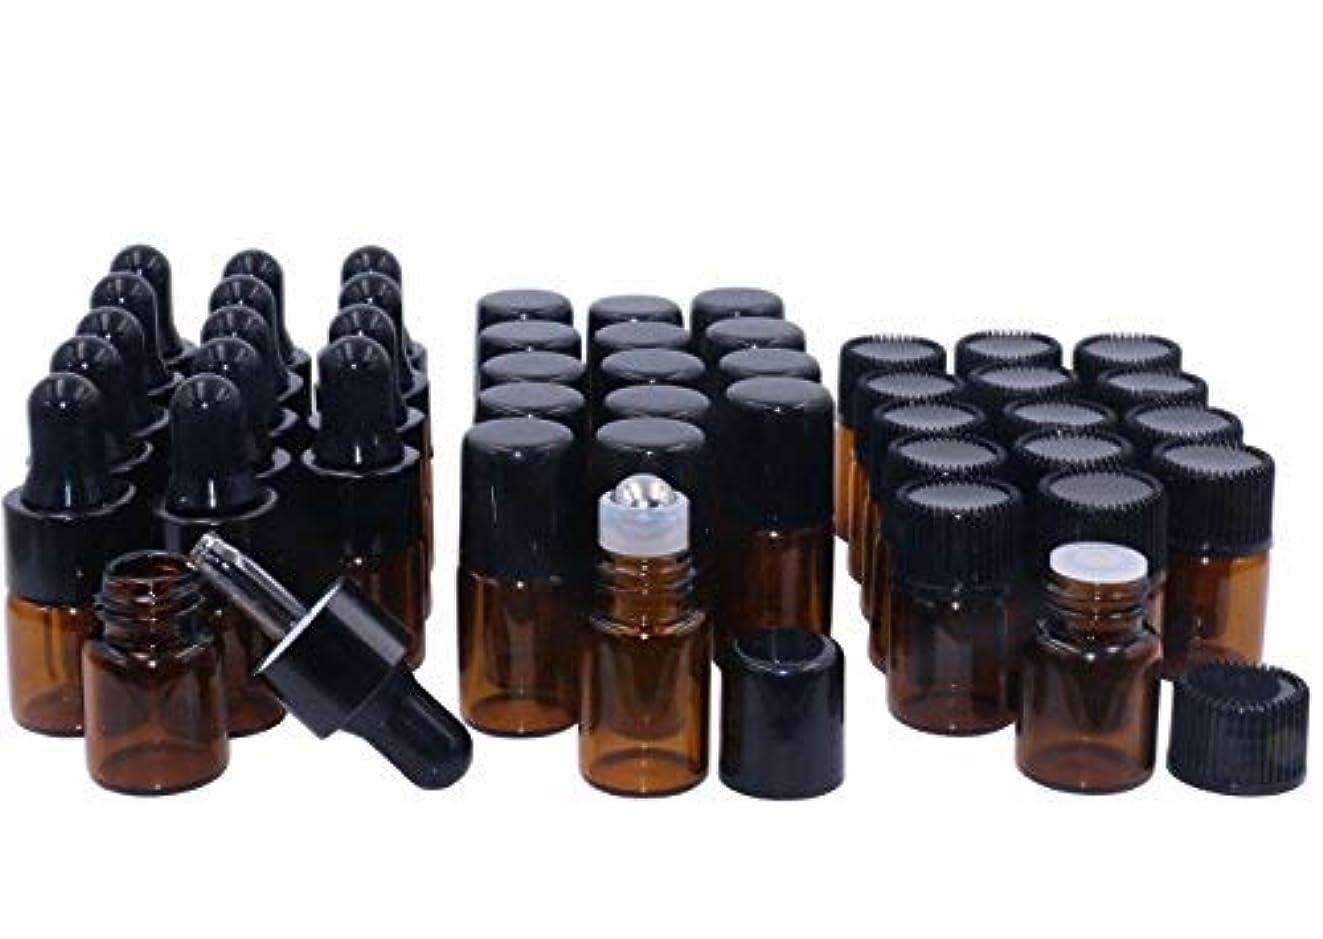 ロマンチック同情的荷物Amber Glass Essential Oil Bottles,2ml 15 Pack,Kit Included:Stainless Roller Ball Bottle,Eye Dropper Bottles,Aromatherapy...